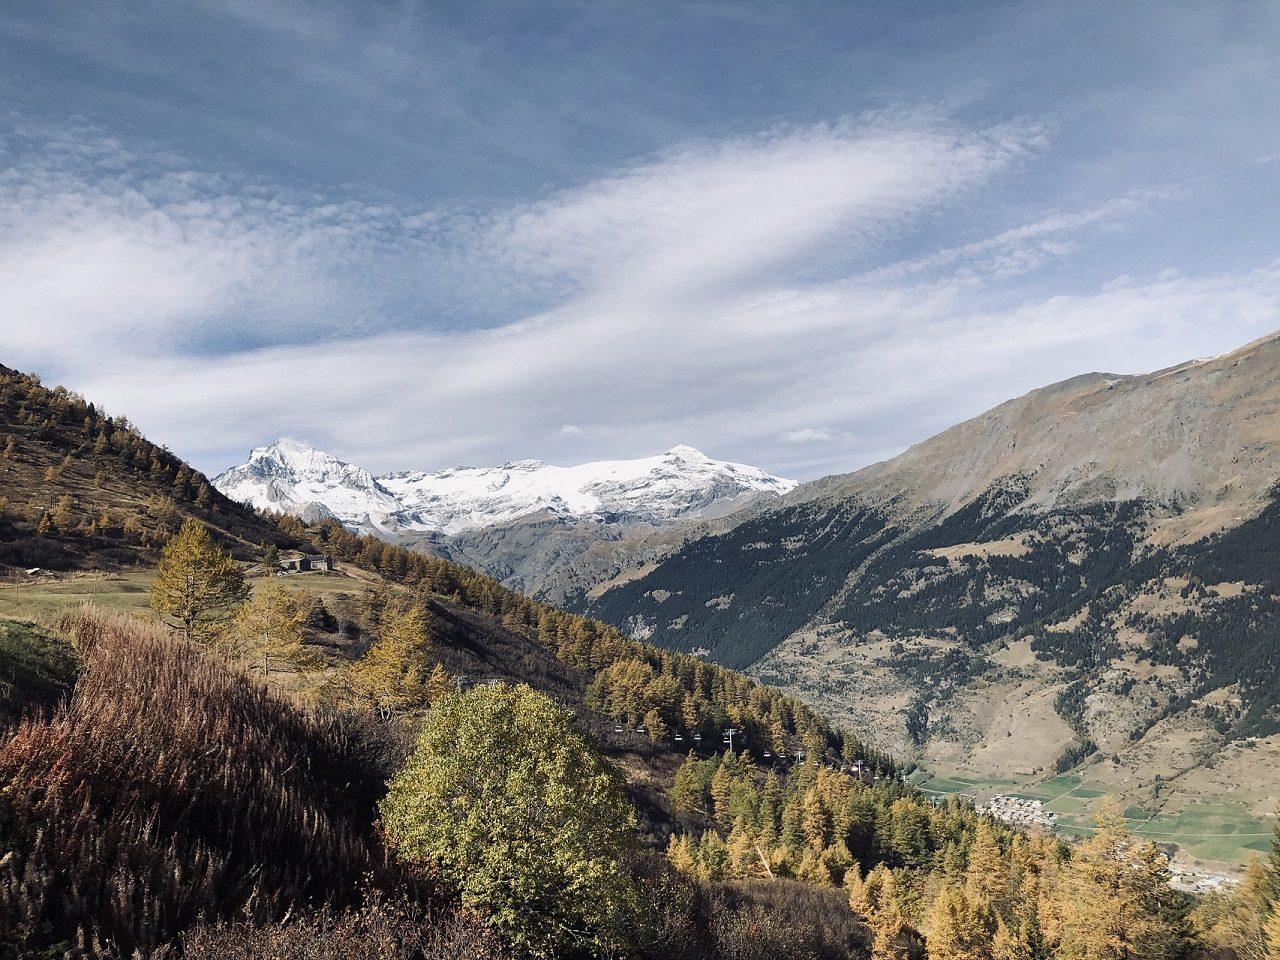 paysages sur la route france - italie (1)